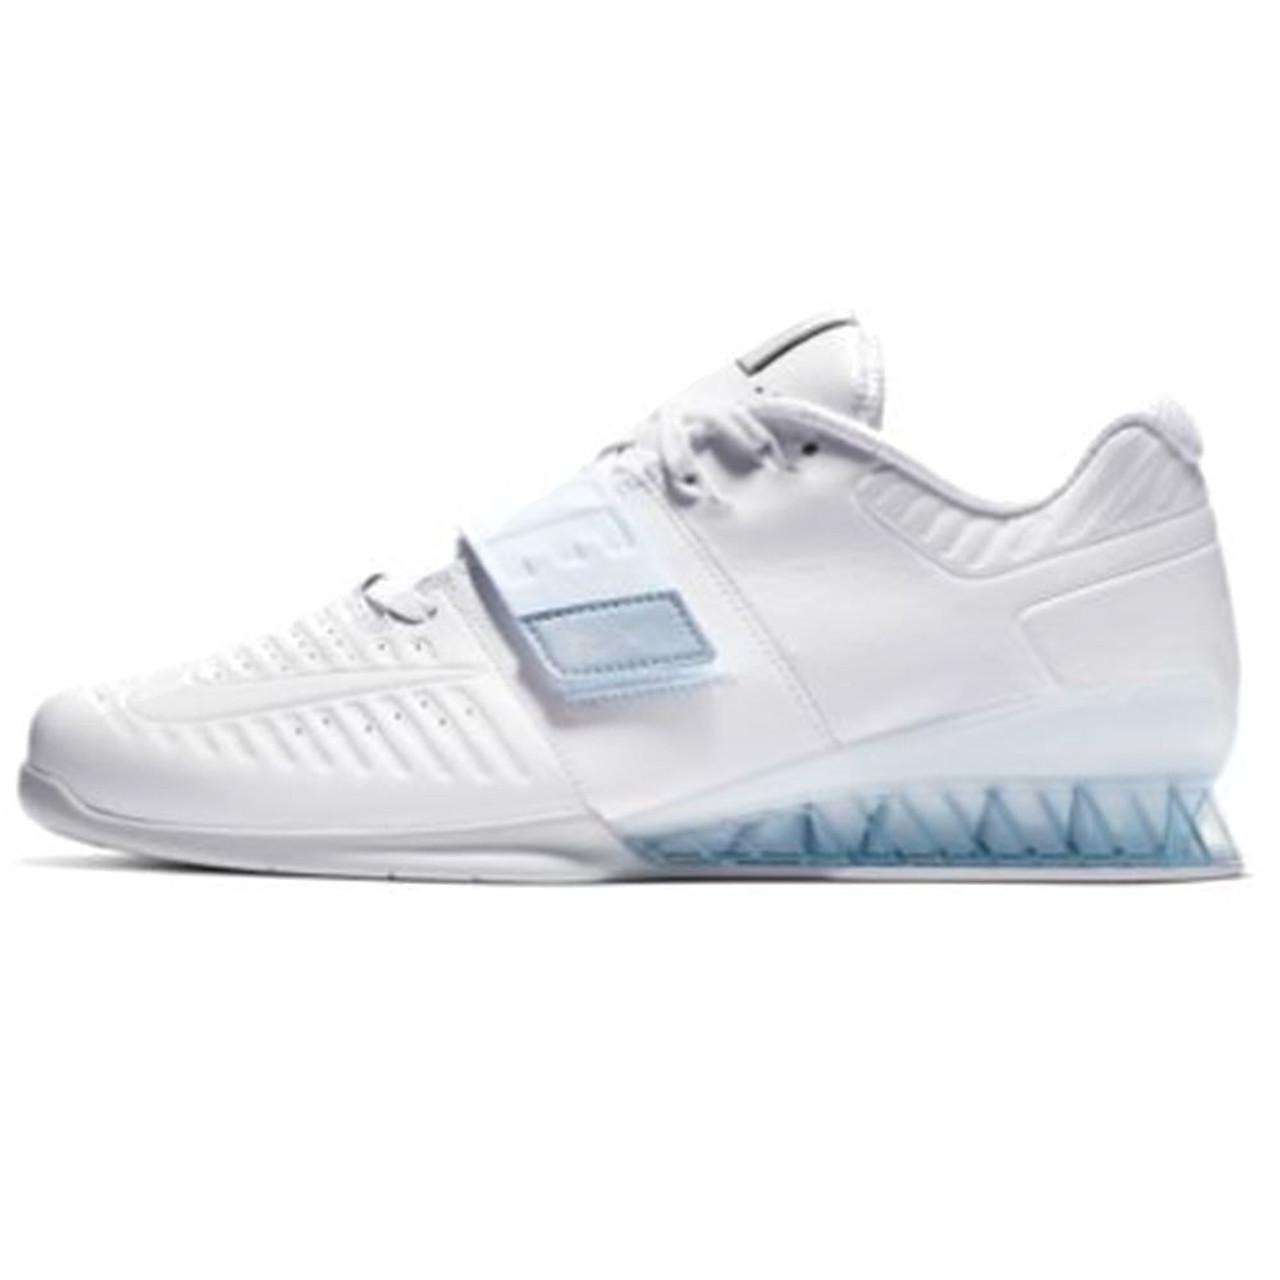 claridad Elocuente Monje  Nike Romaleos 3XD - White/Metallic Platinum